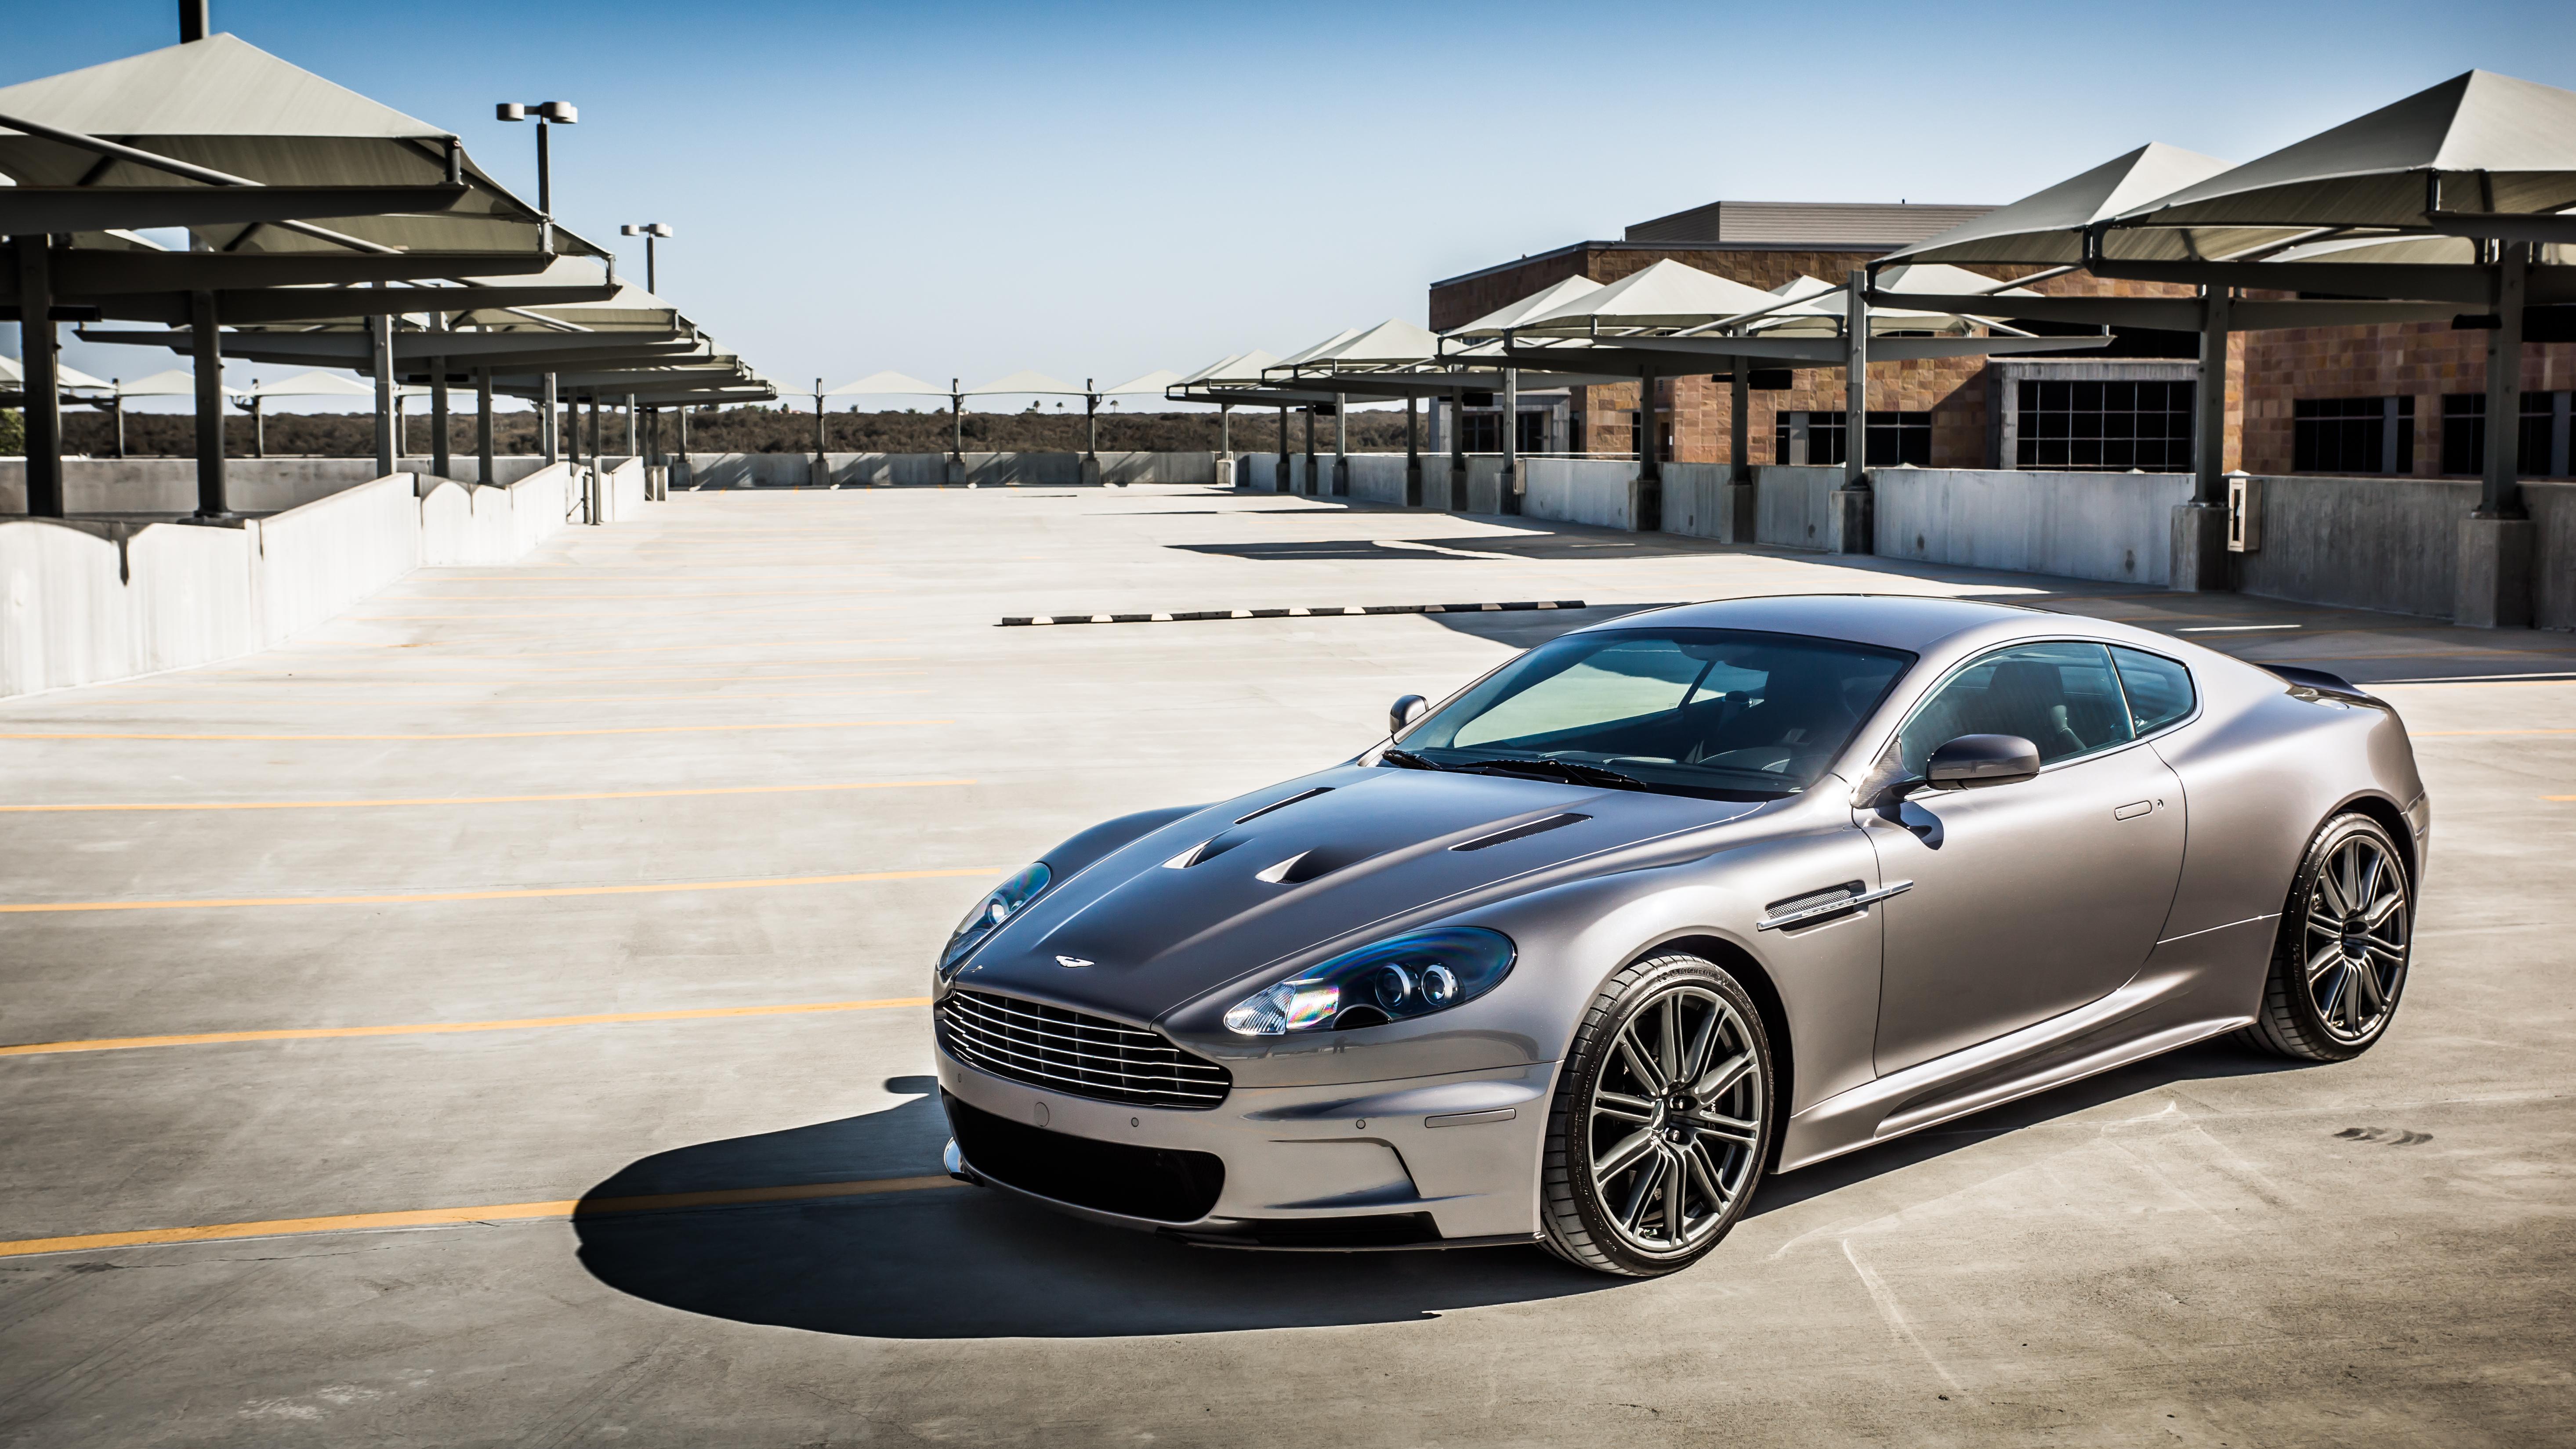 Aston Martin Dbs 15 Grubbs Photography